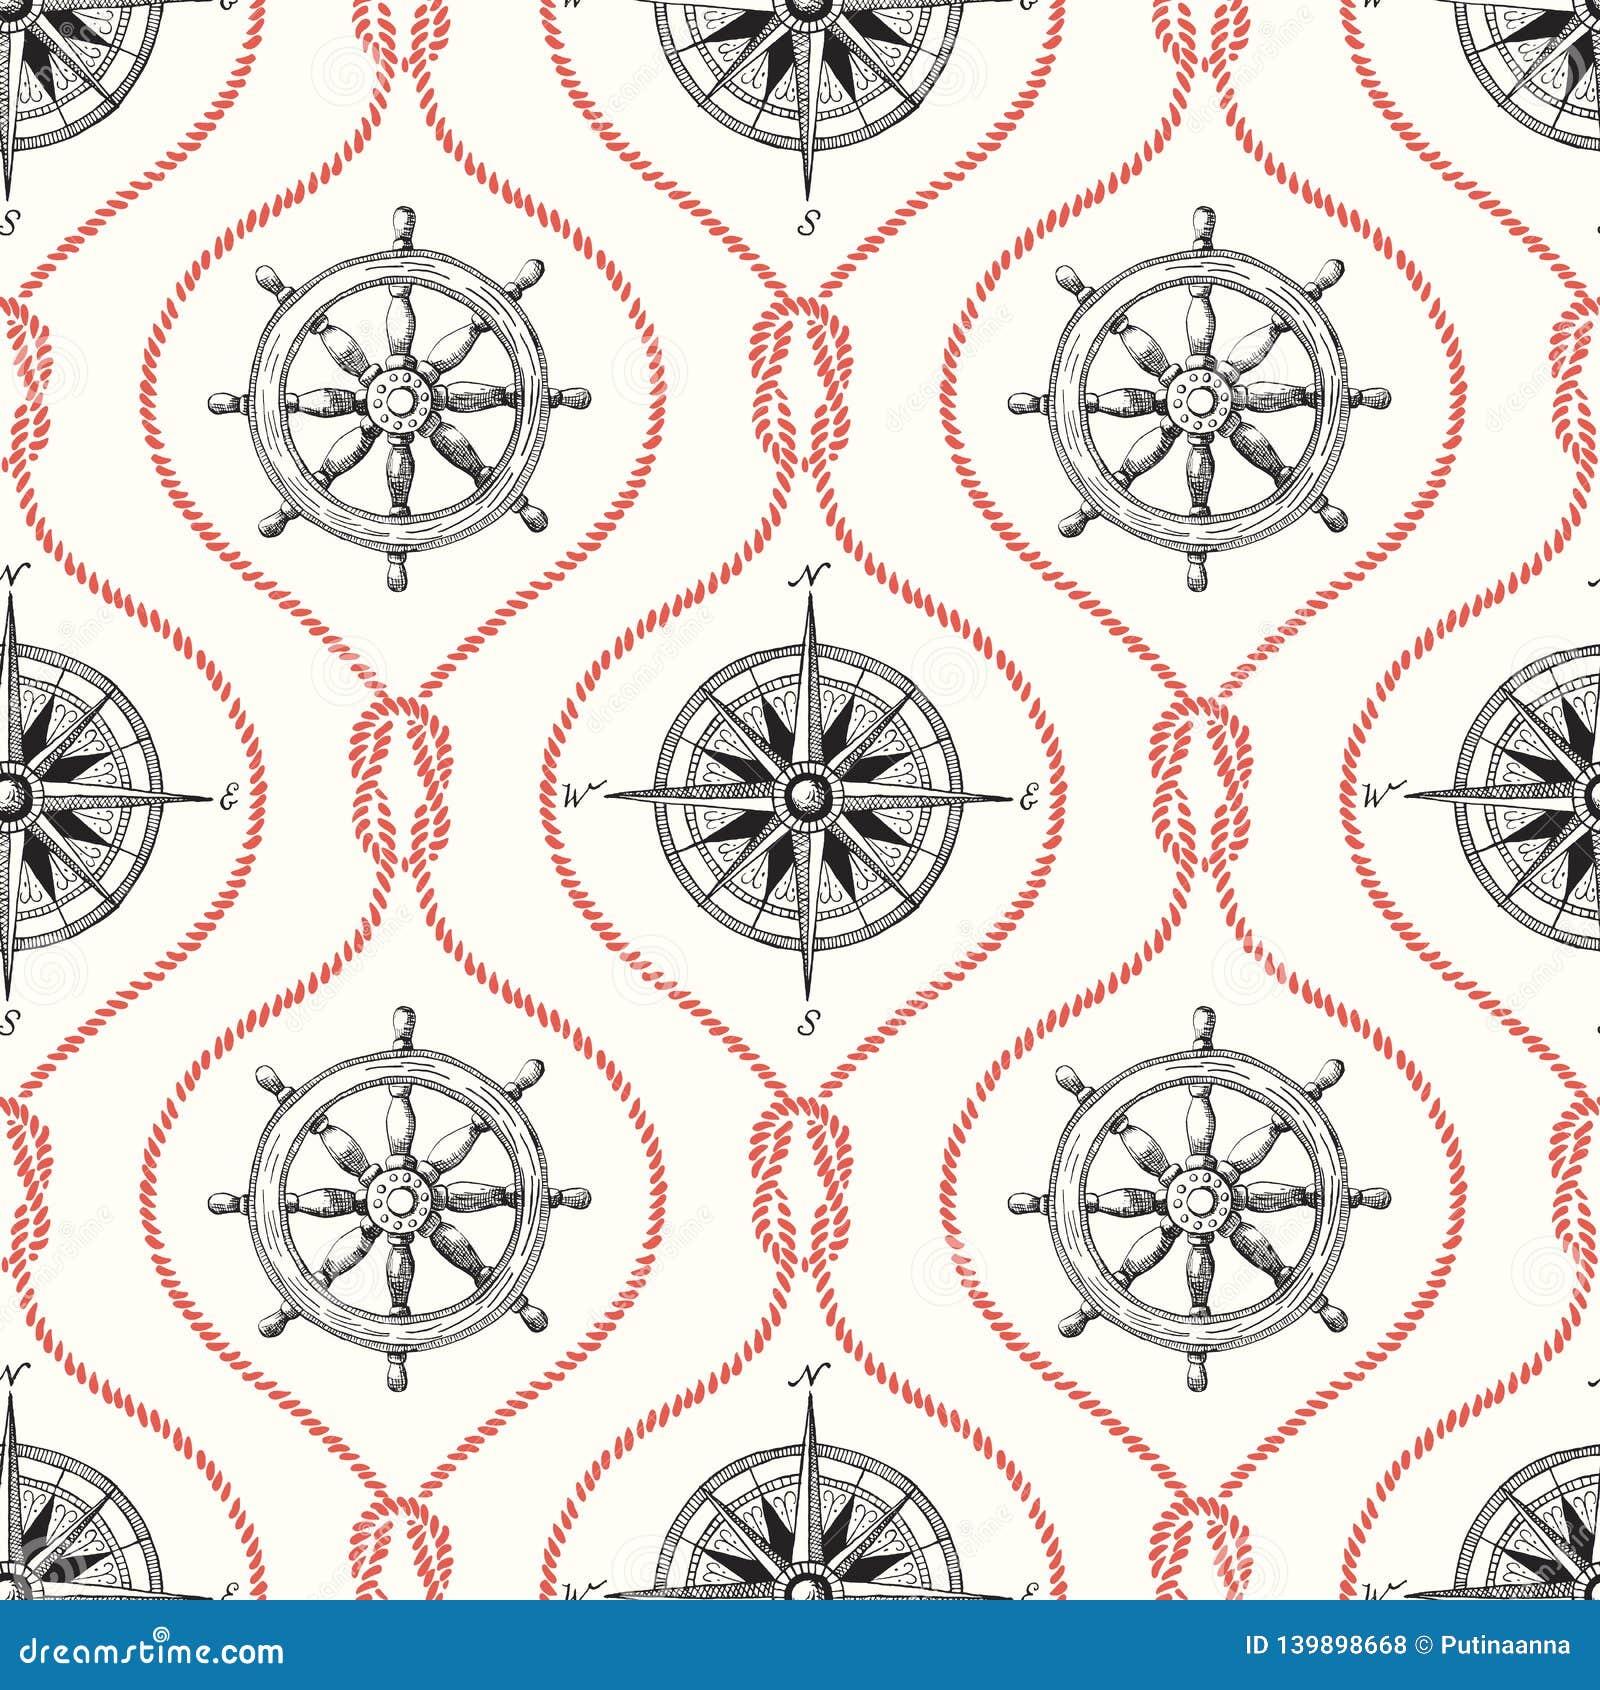 Εκλεκτής ποιότητας Hand-Drawn διανυσματικό άνευ ραφής σχέδιο Ogee σχοινιών με το τιμόνι, την πυξίδα και το ναυτικό κόμβο σκοπέλων